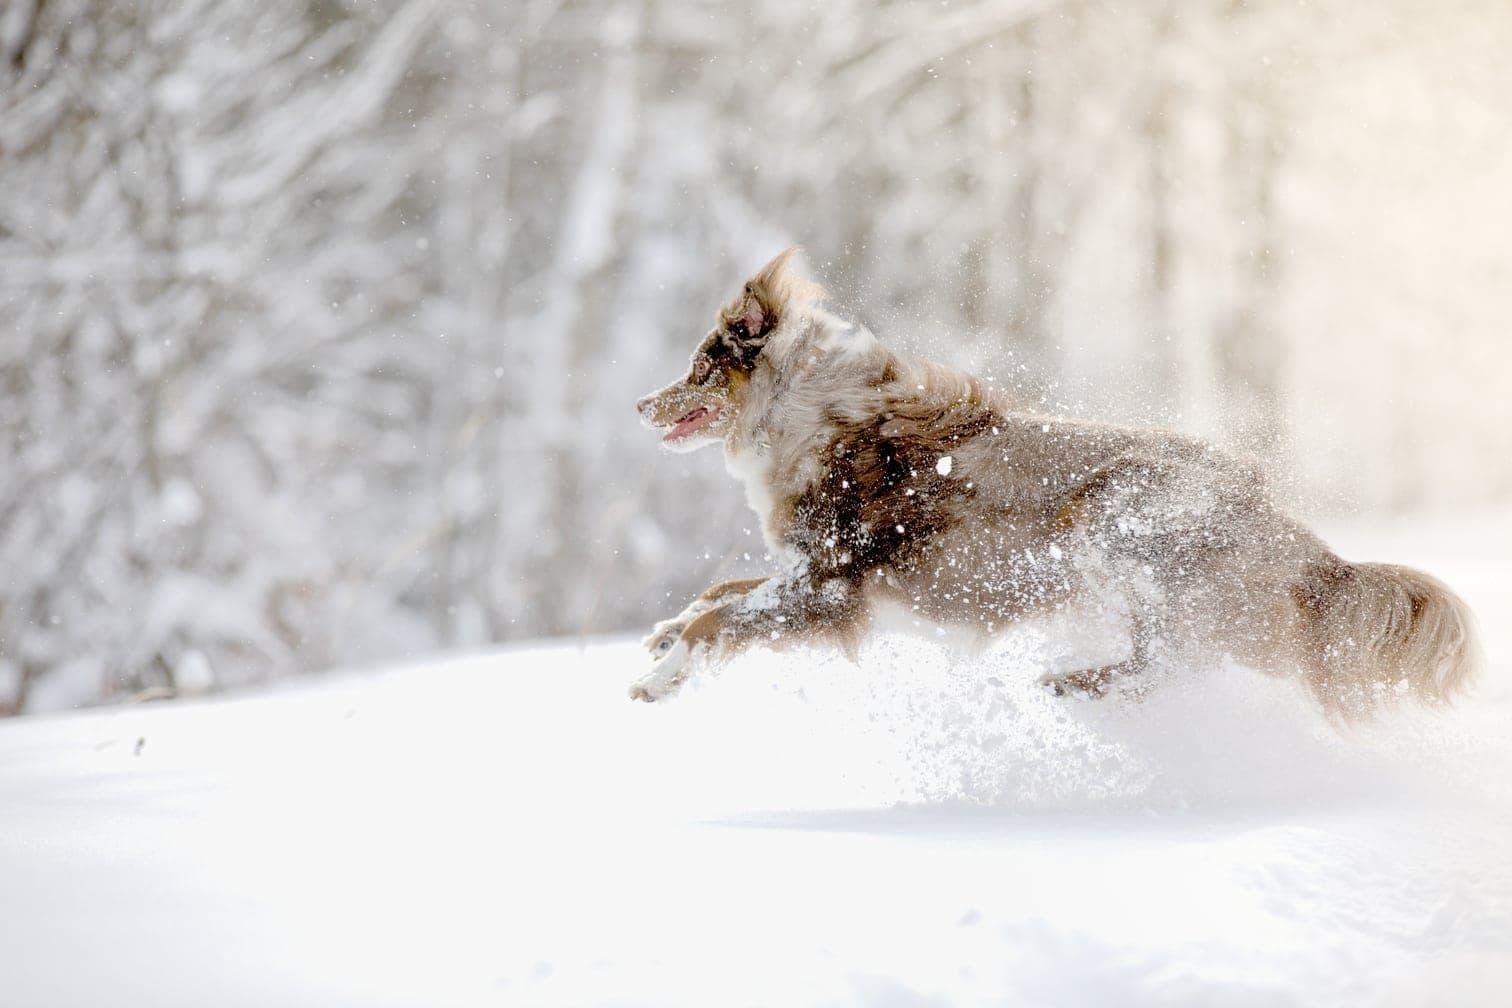 Foto: Julia Wimmerlin / shutterstock.com